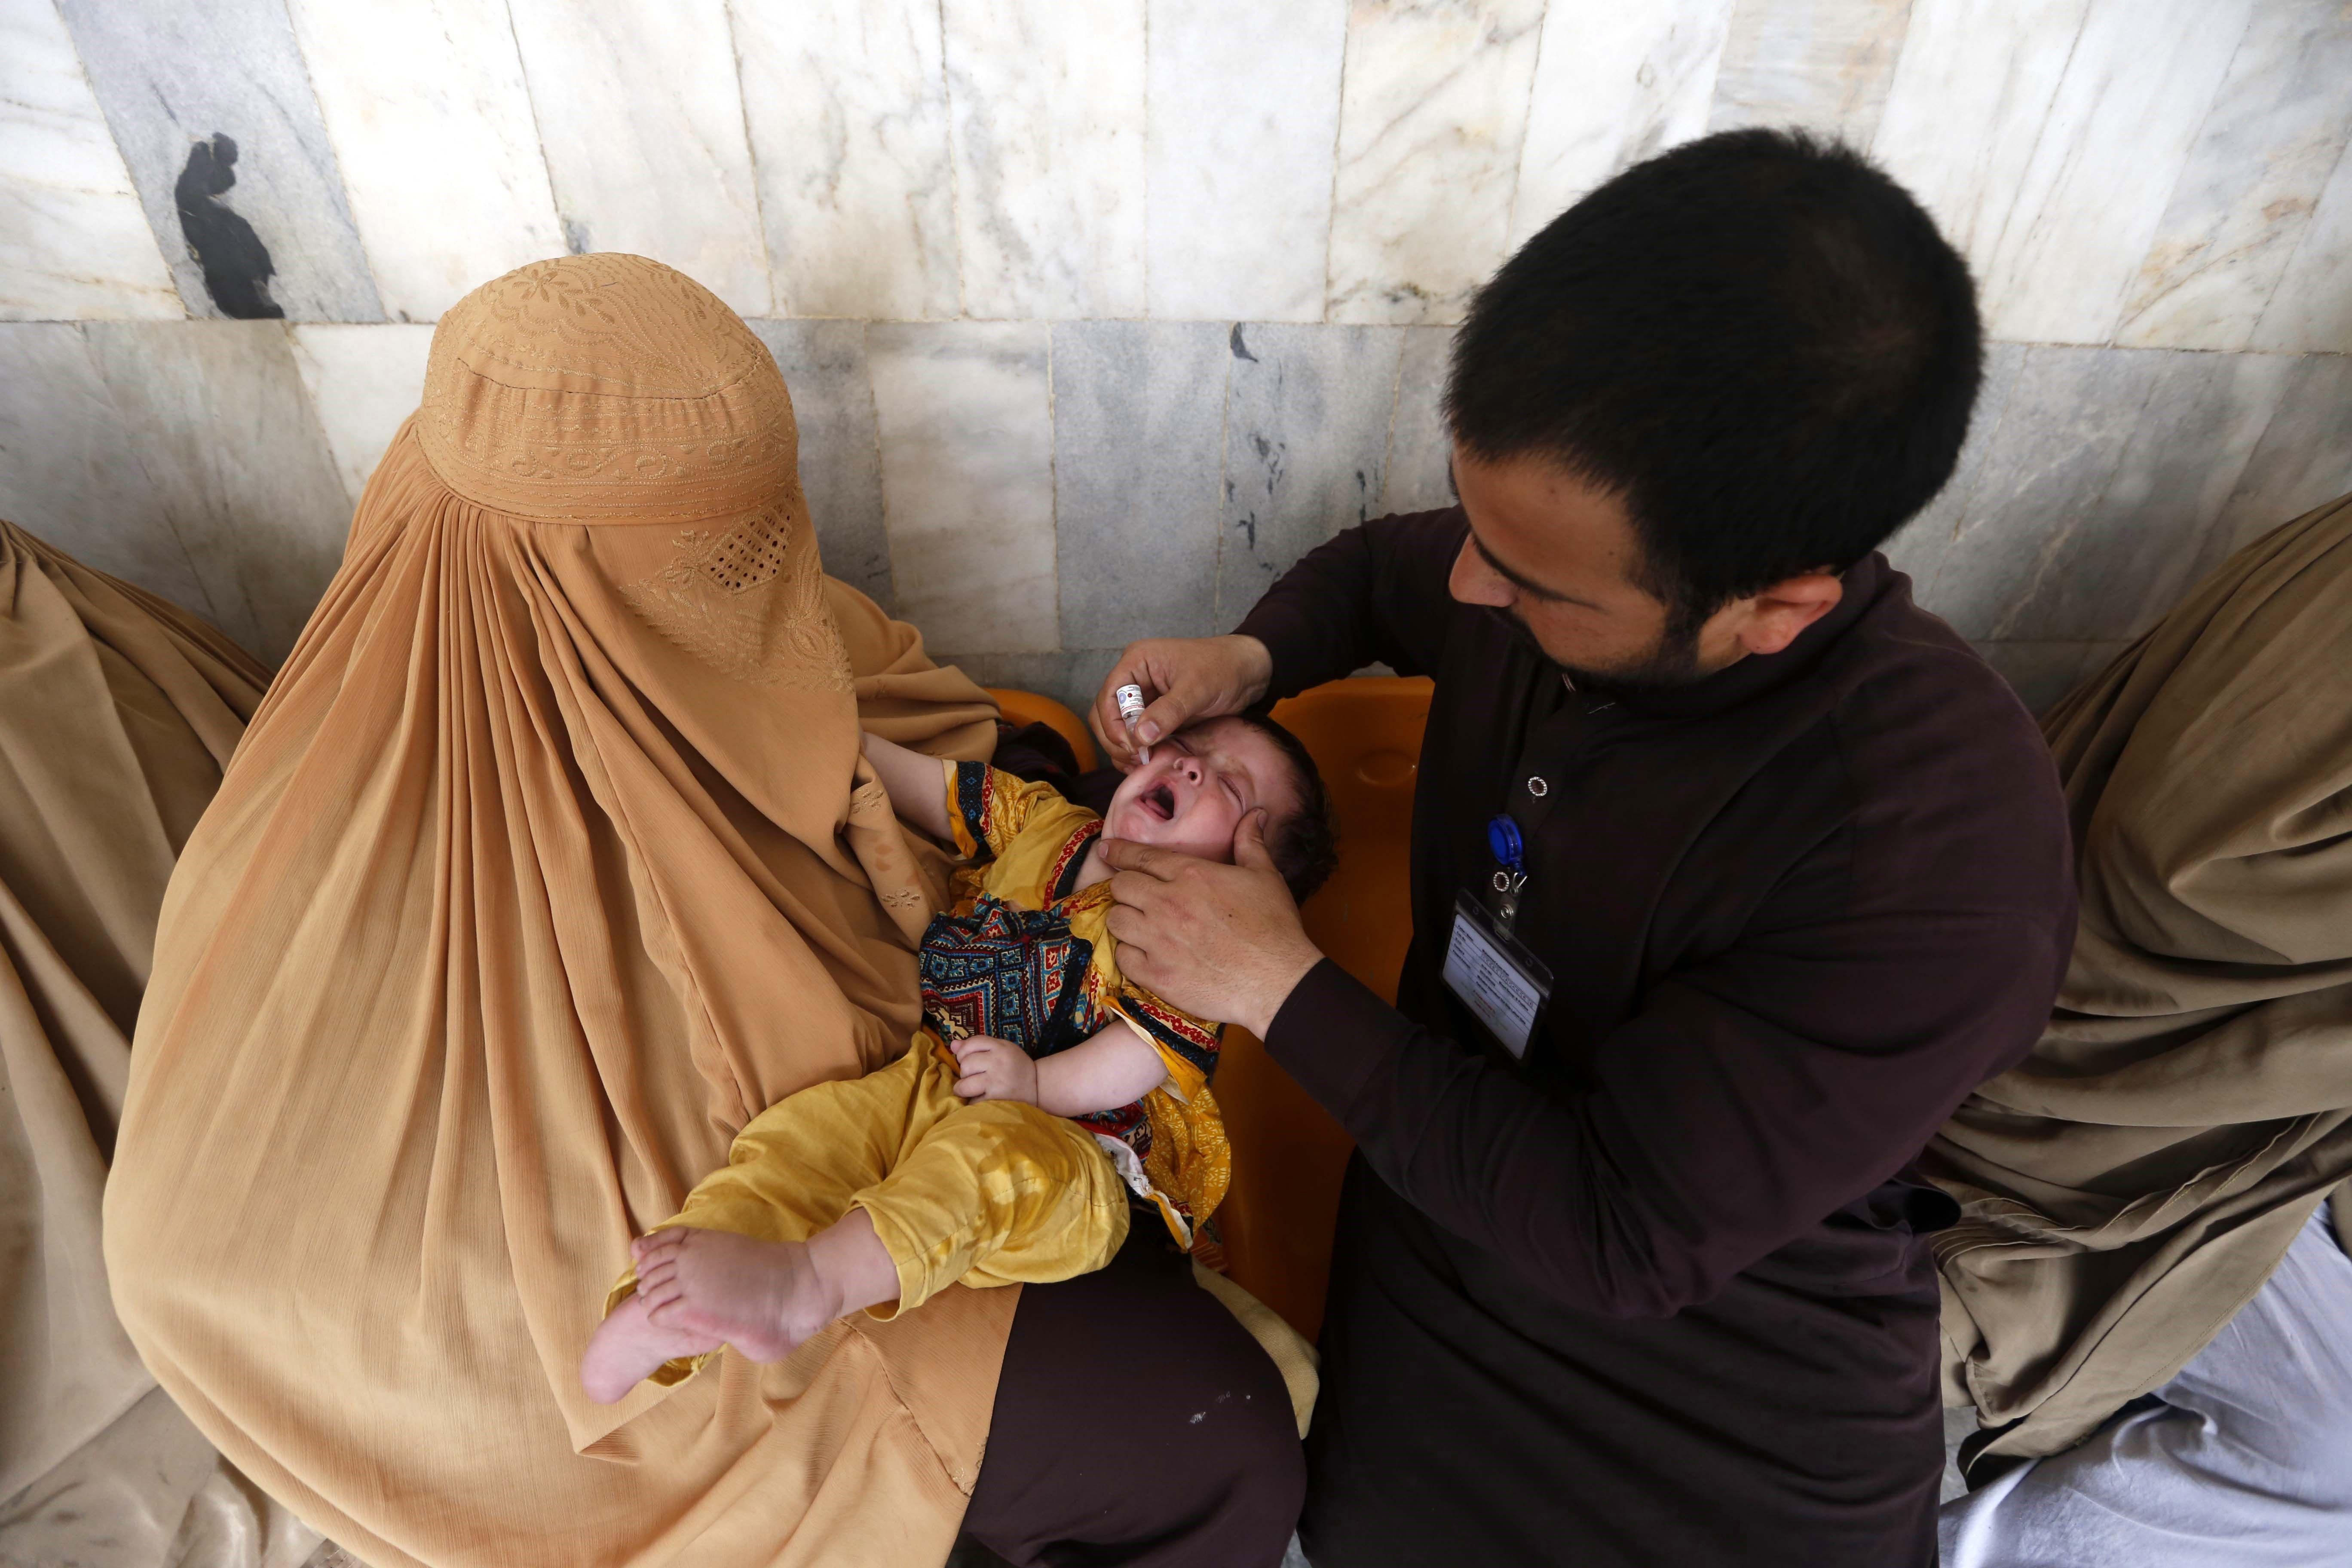 Membres d'un equip sanitari administren vacunes contra la pòlio a un nin durant la campanya de vacunació, de tres dies de durada, a Peshawar, Pakistan. /ARSHAD ARBAB